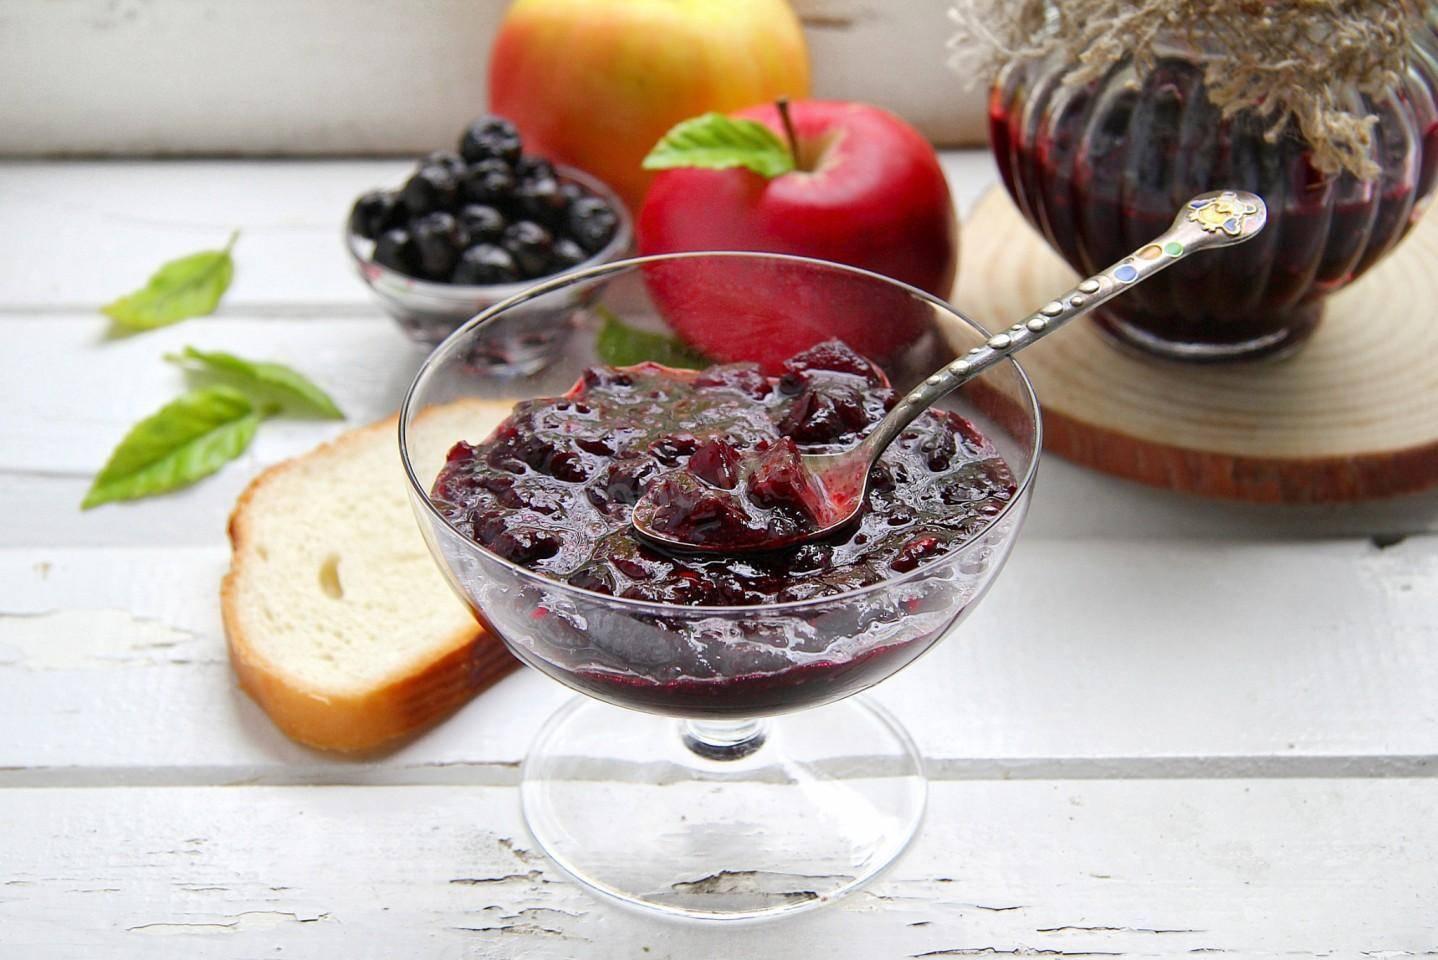 Варенье из черноплодной рябины с яблоками - 5 рецептов с фото пошагово